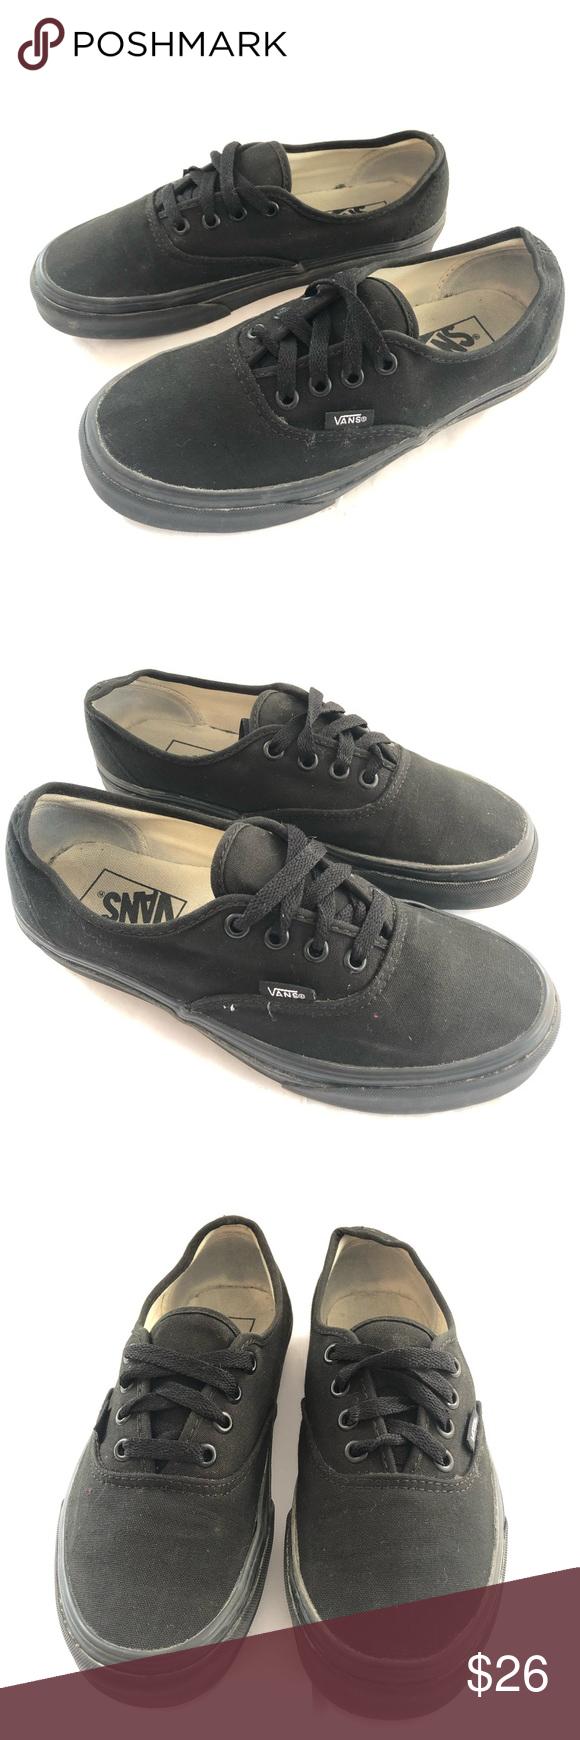 06fde8d21d94 VANS Lo Pro Classic Canvas Lace Up Skate Shoes GUC! Smoke free. VANS ...